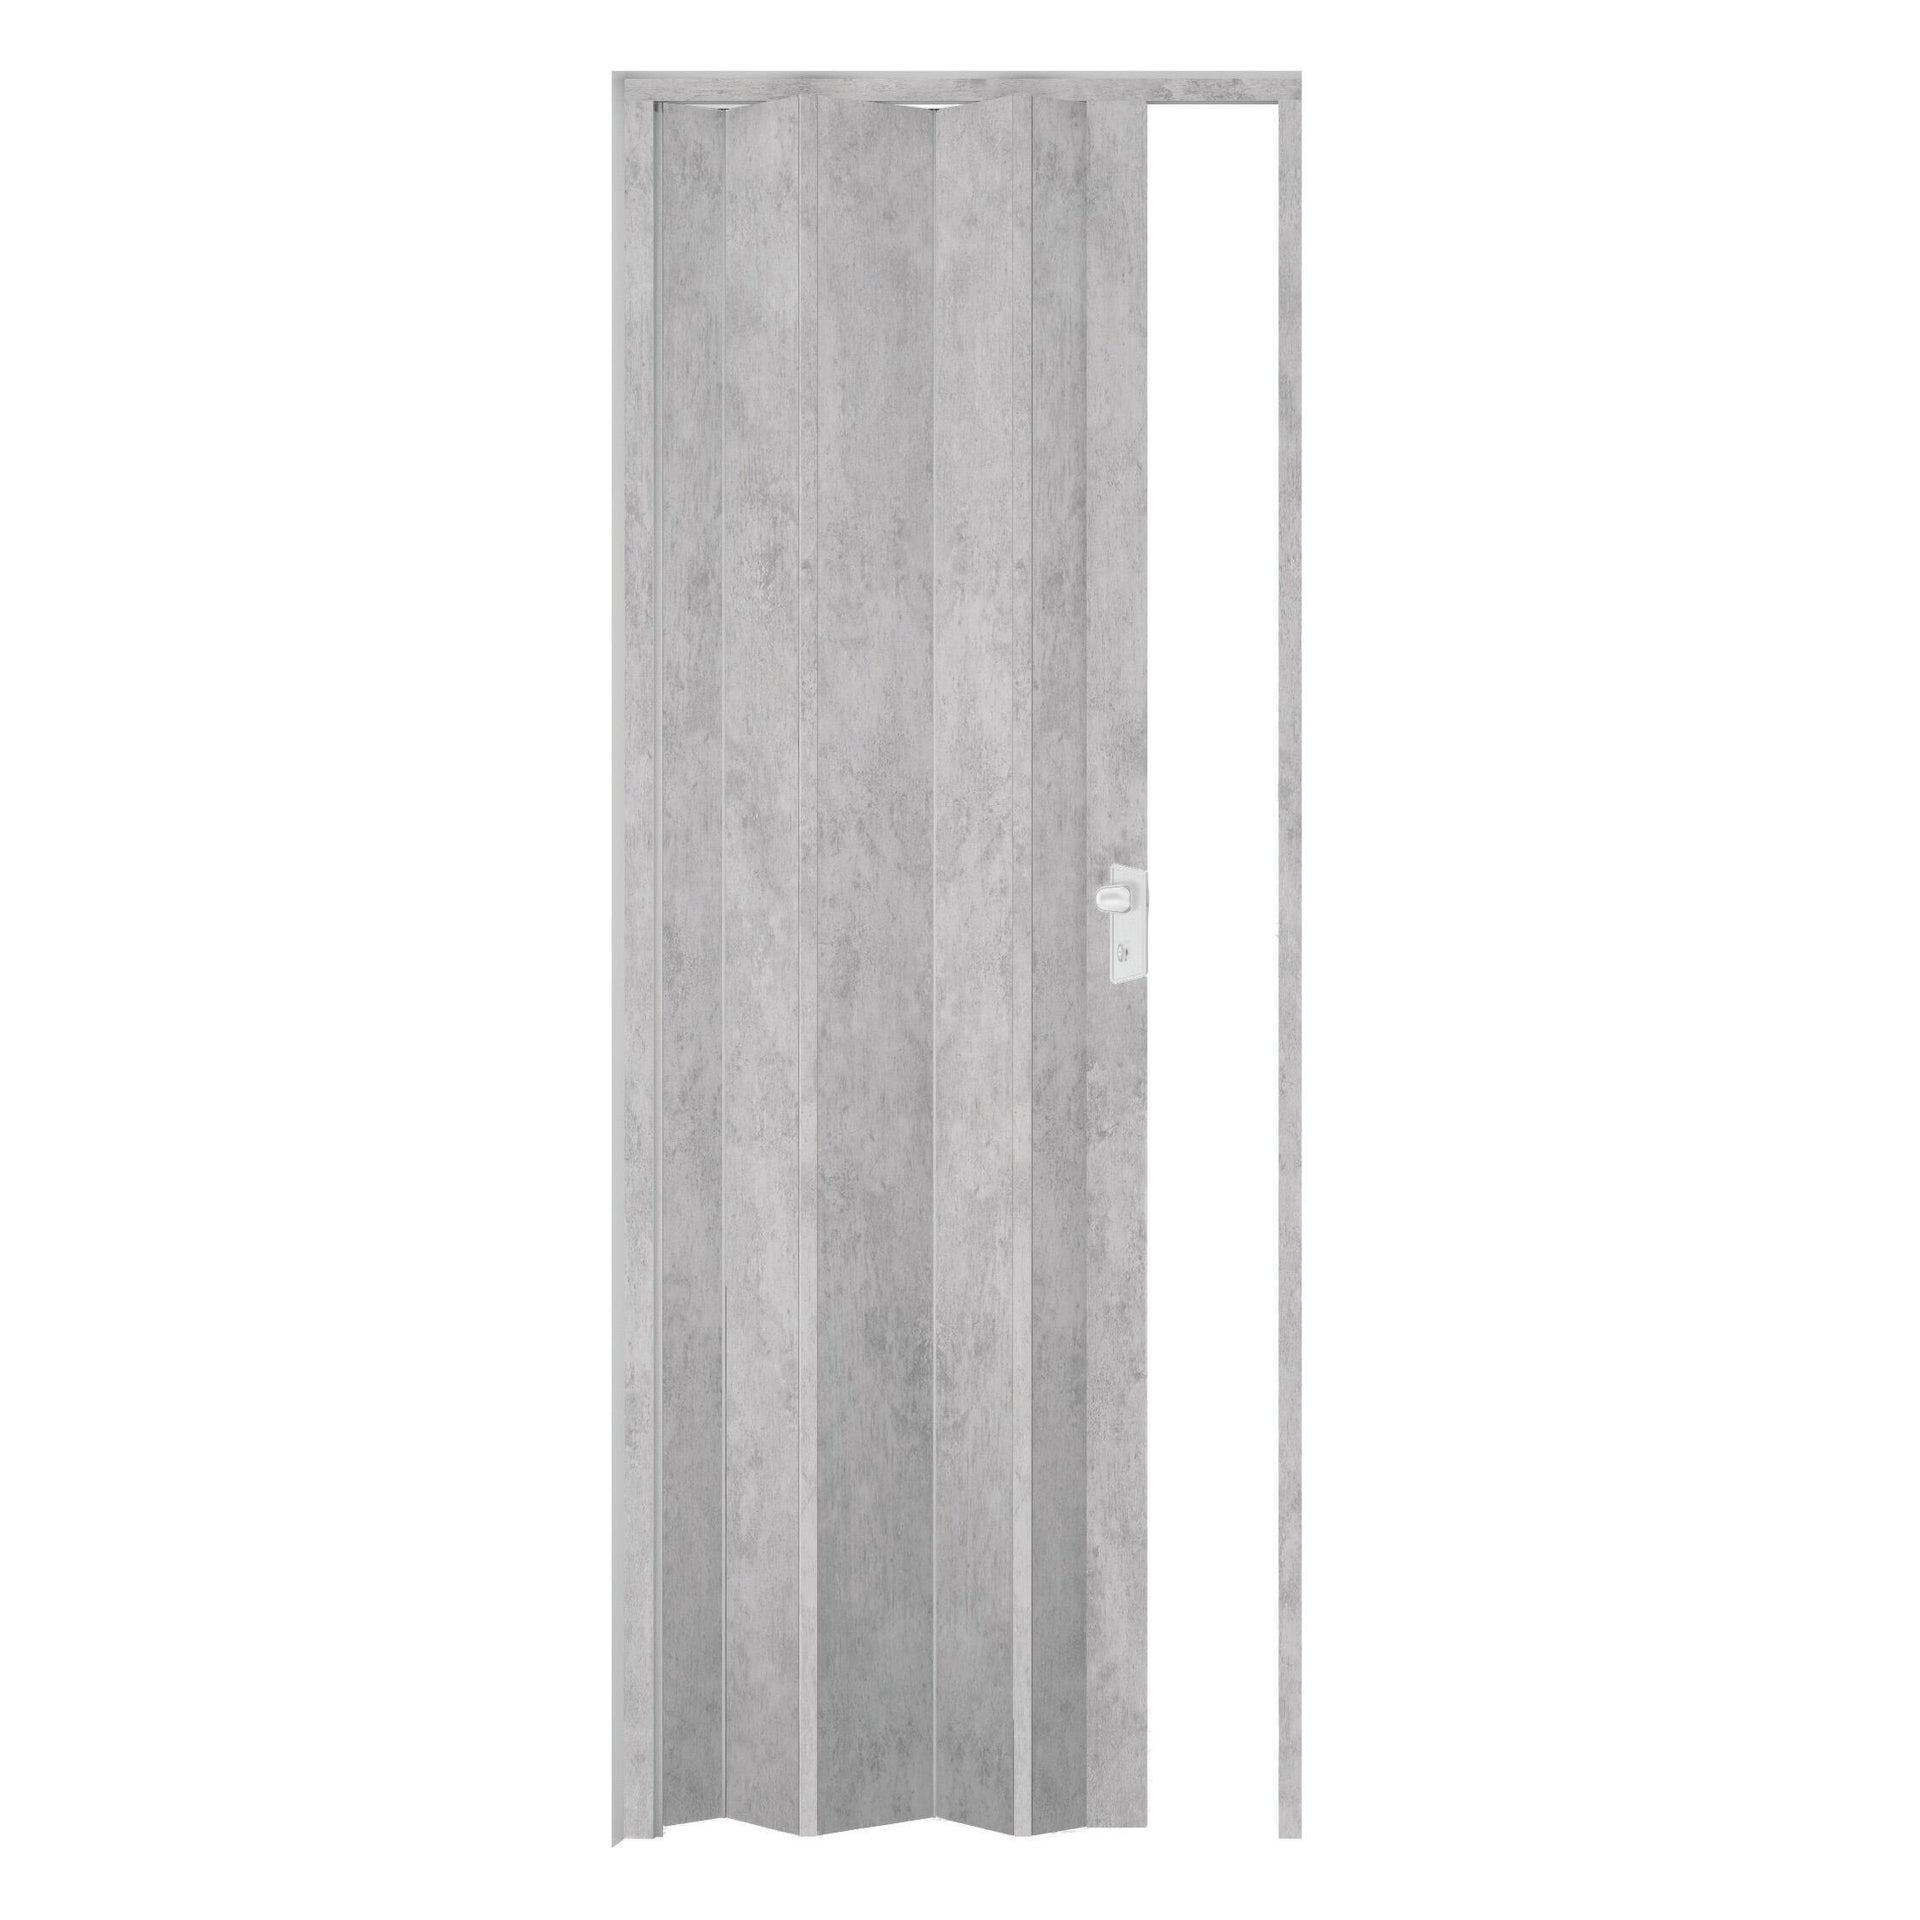 Porta a soffietto Maya in pvc cemento L 83 x H 214 cm